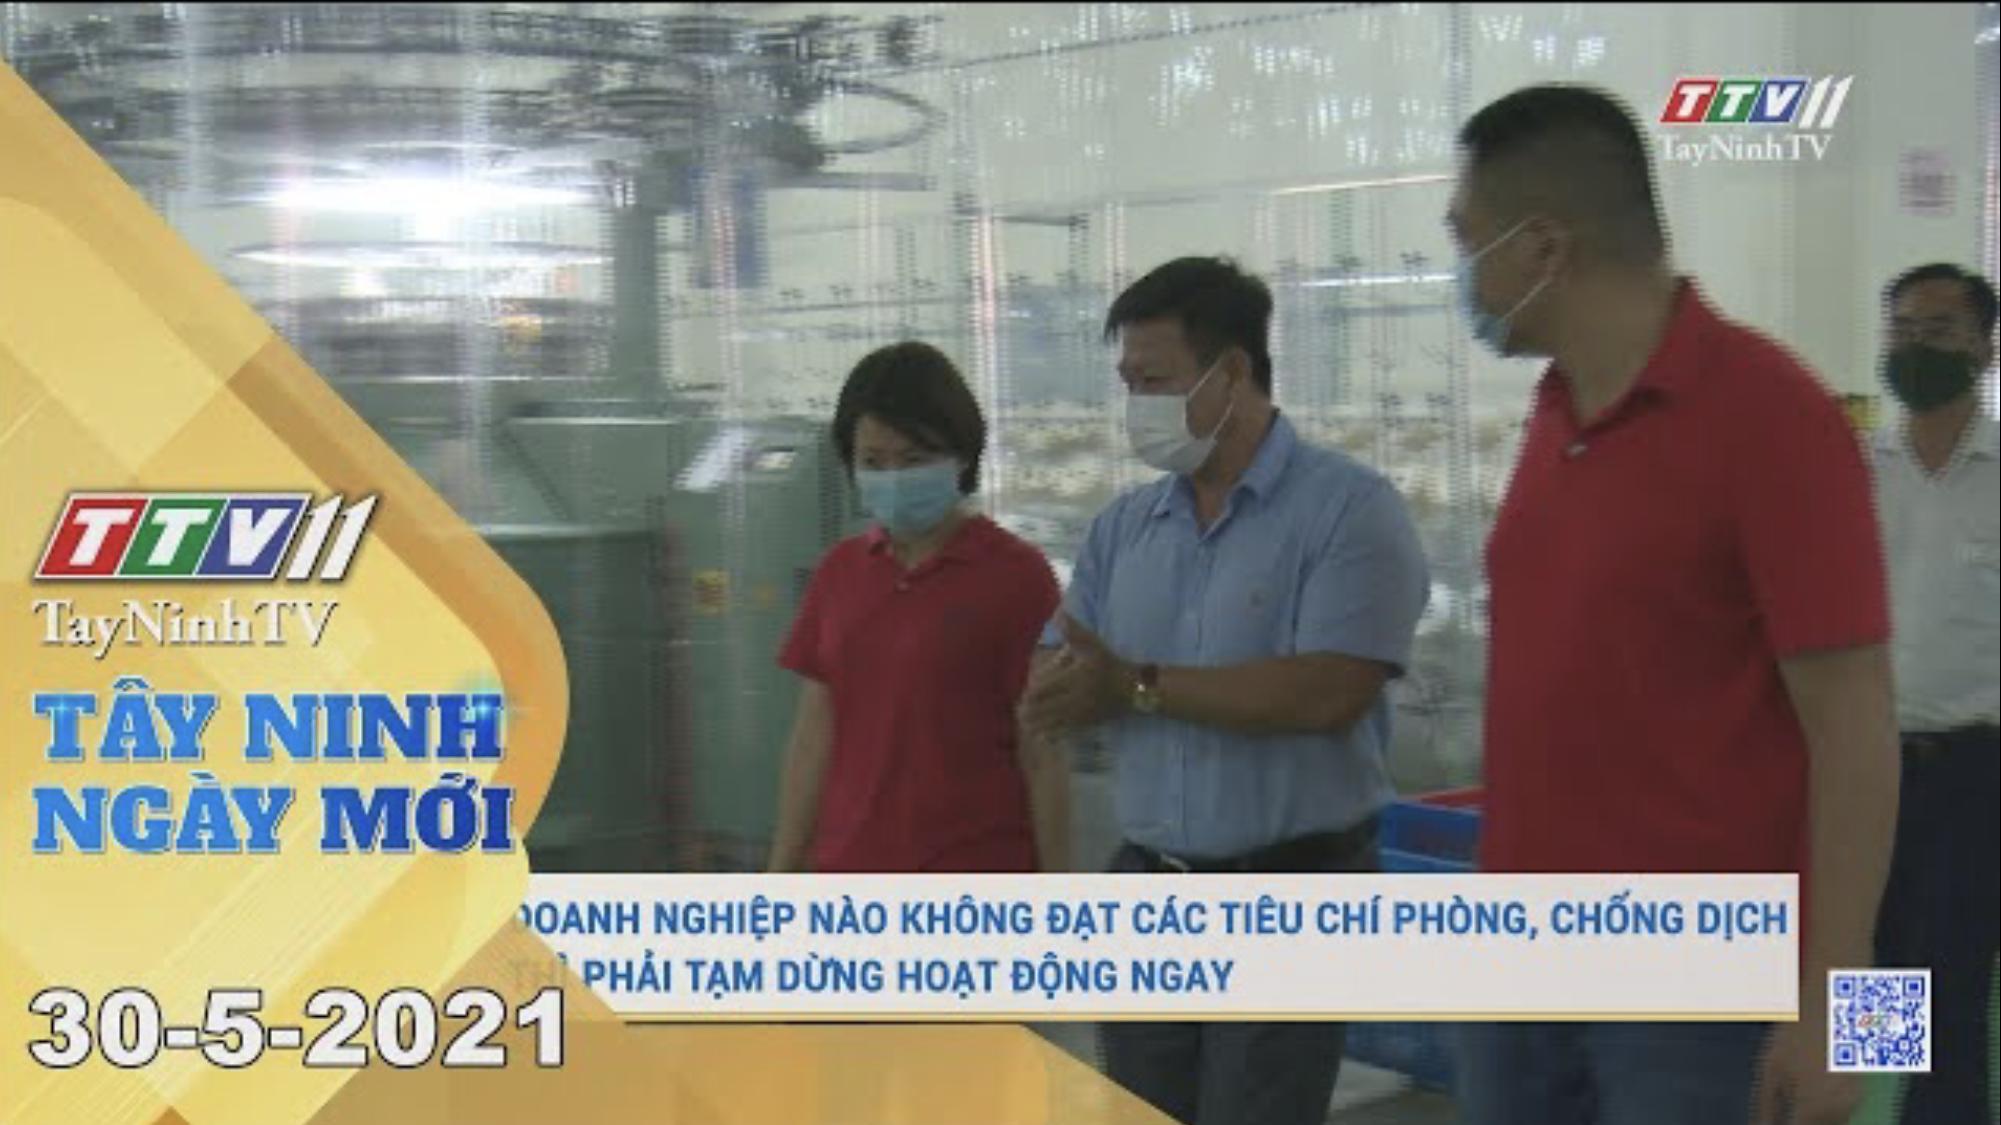 Tây Ninh Ngày Mới 30-5-2021 | Tin tức hôm nay | TayNinhTV